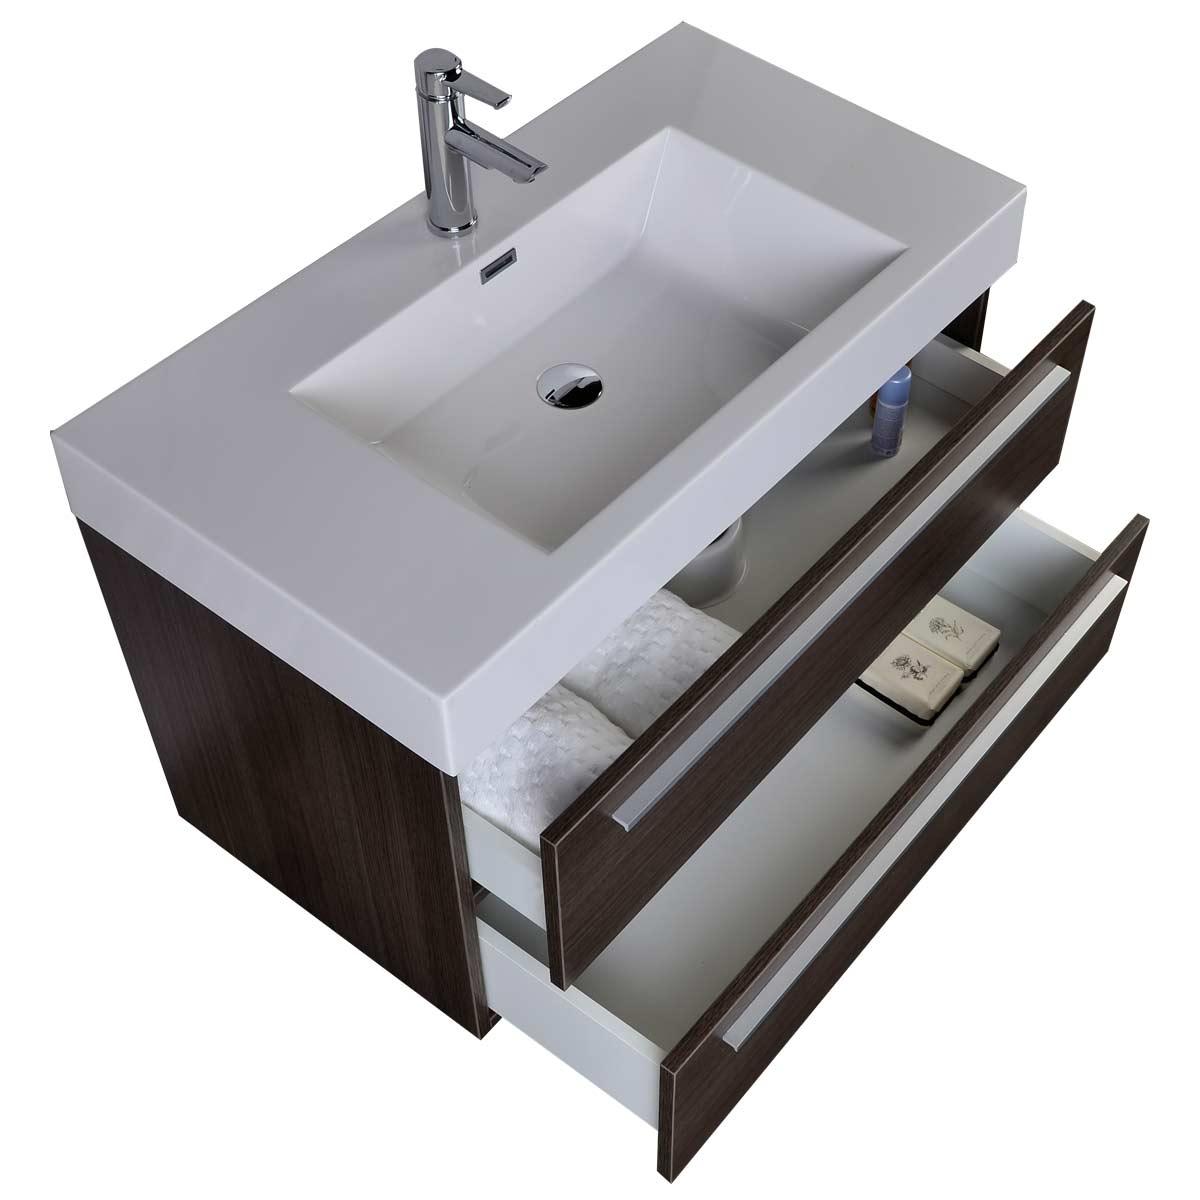 35 5 wall mount contemporary bathroom vanity in grey oak tn m900 go 36 inch